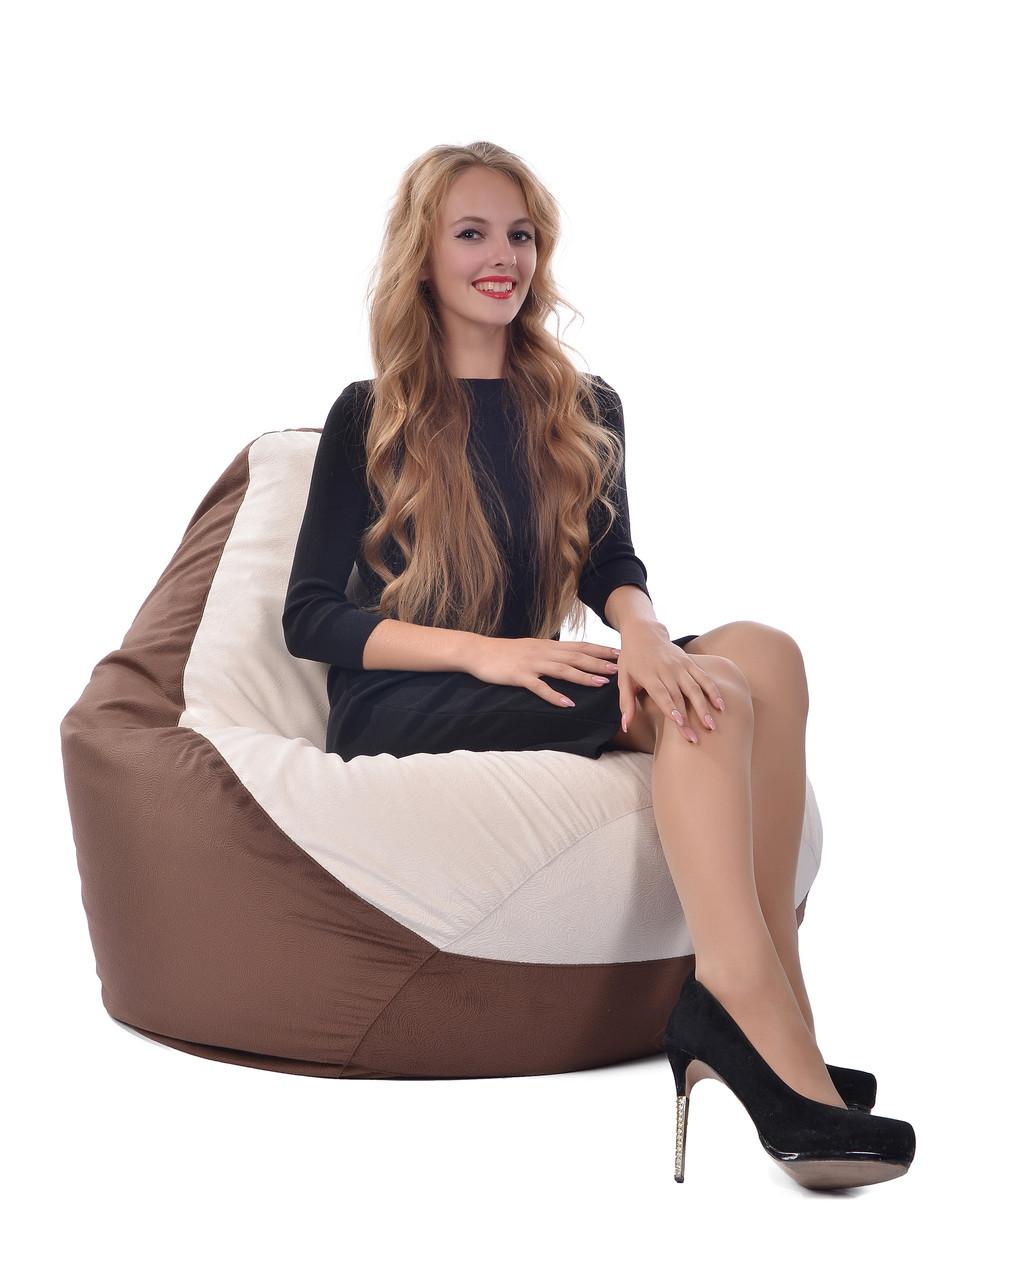 Бежево-коричневое велюровое кресло-мешок груша красная 120*90 см